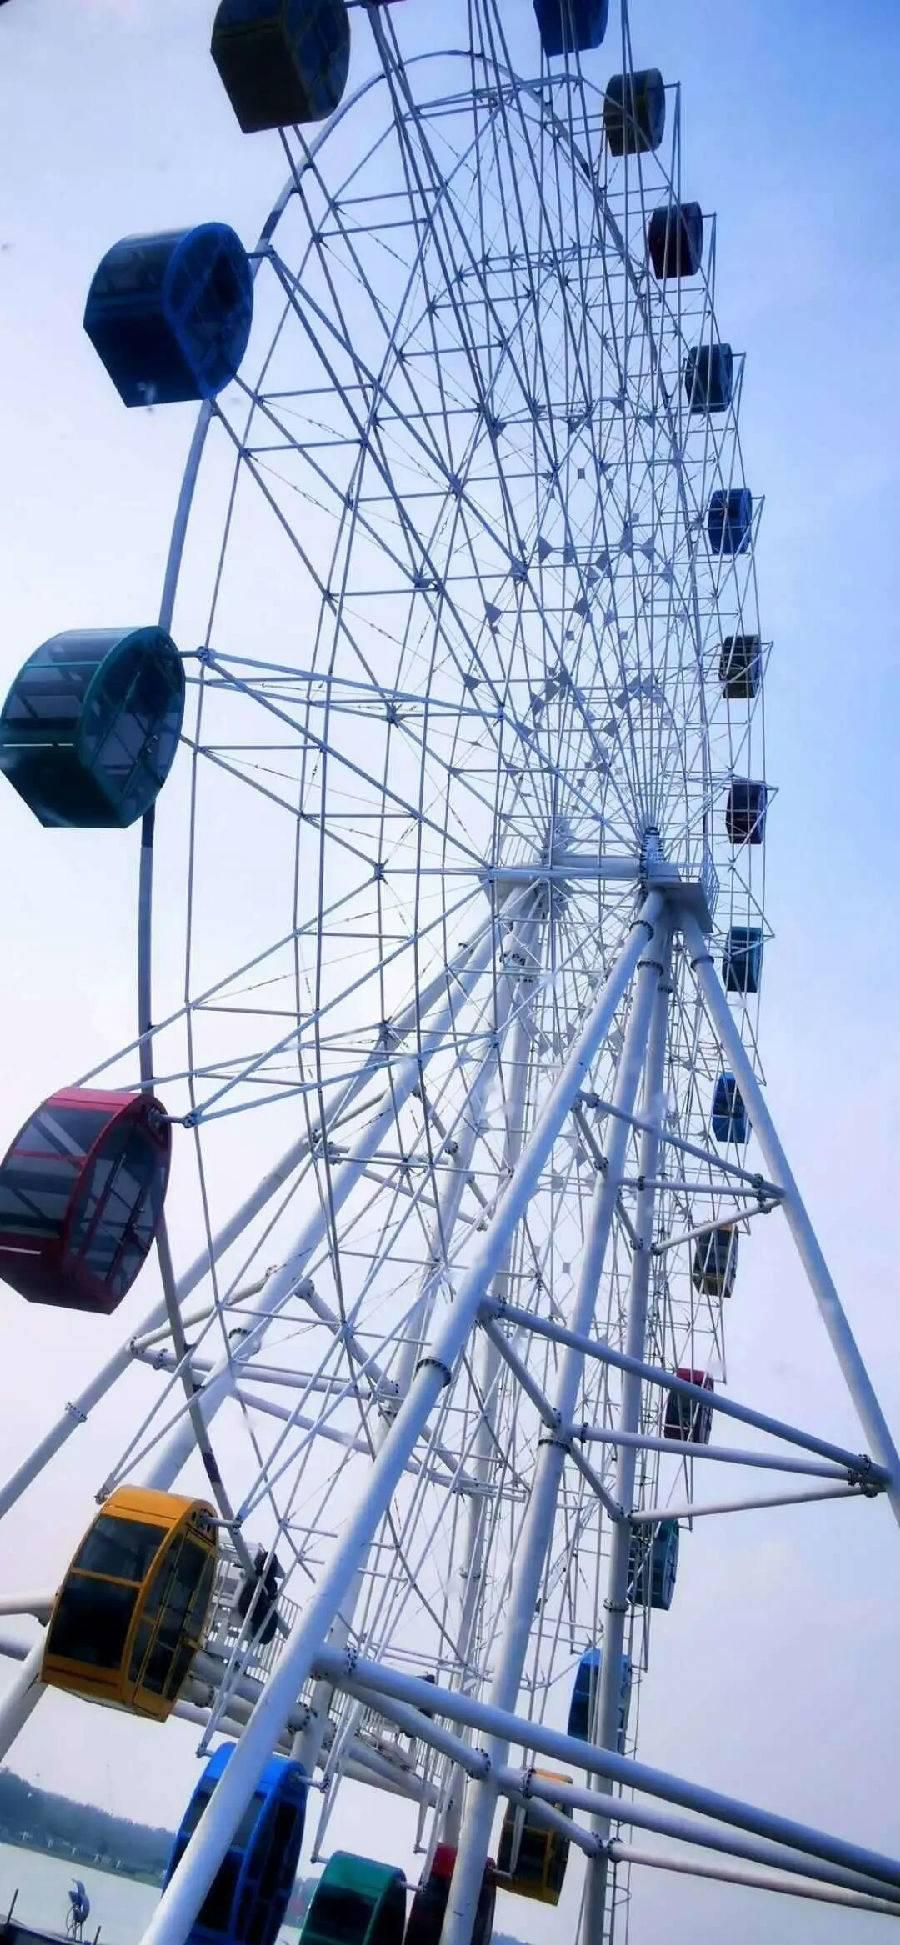 (北京顺义)摩天轮-水上公园19.9元/人(平日周末通用,提前一天预约)